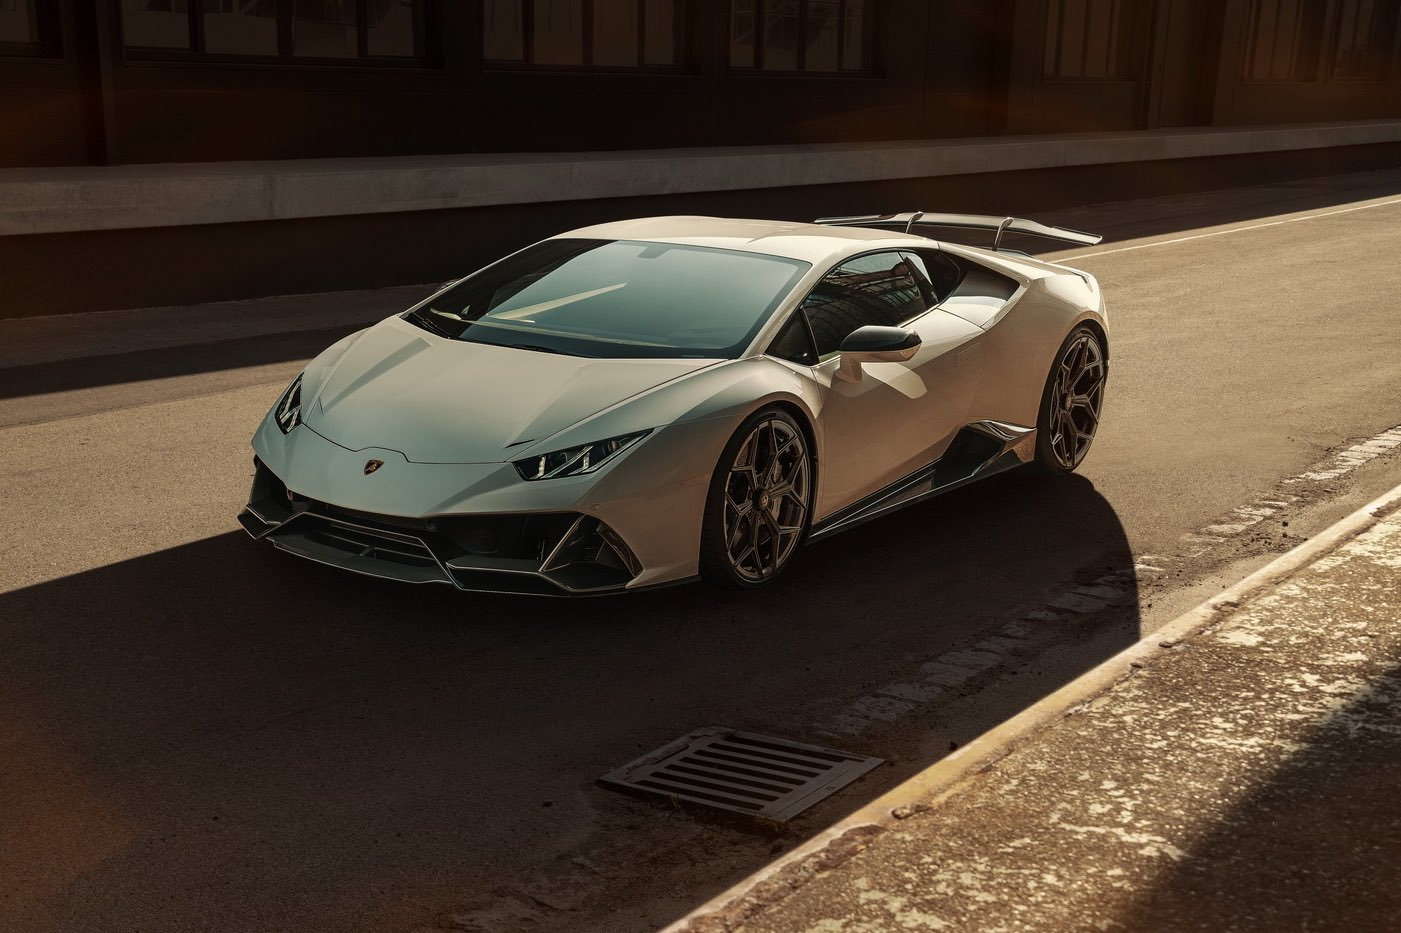 Novitec actualiza el Lamborghini Huracán EVO con un Kit aerodinámico de carbono y partes estilo F1